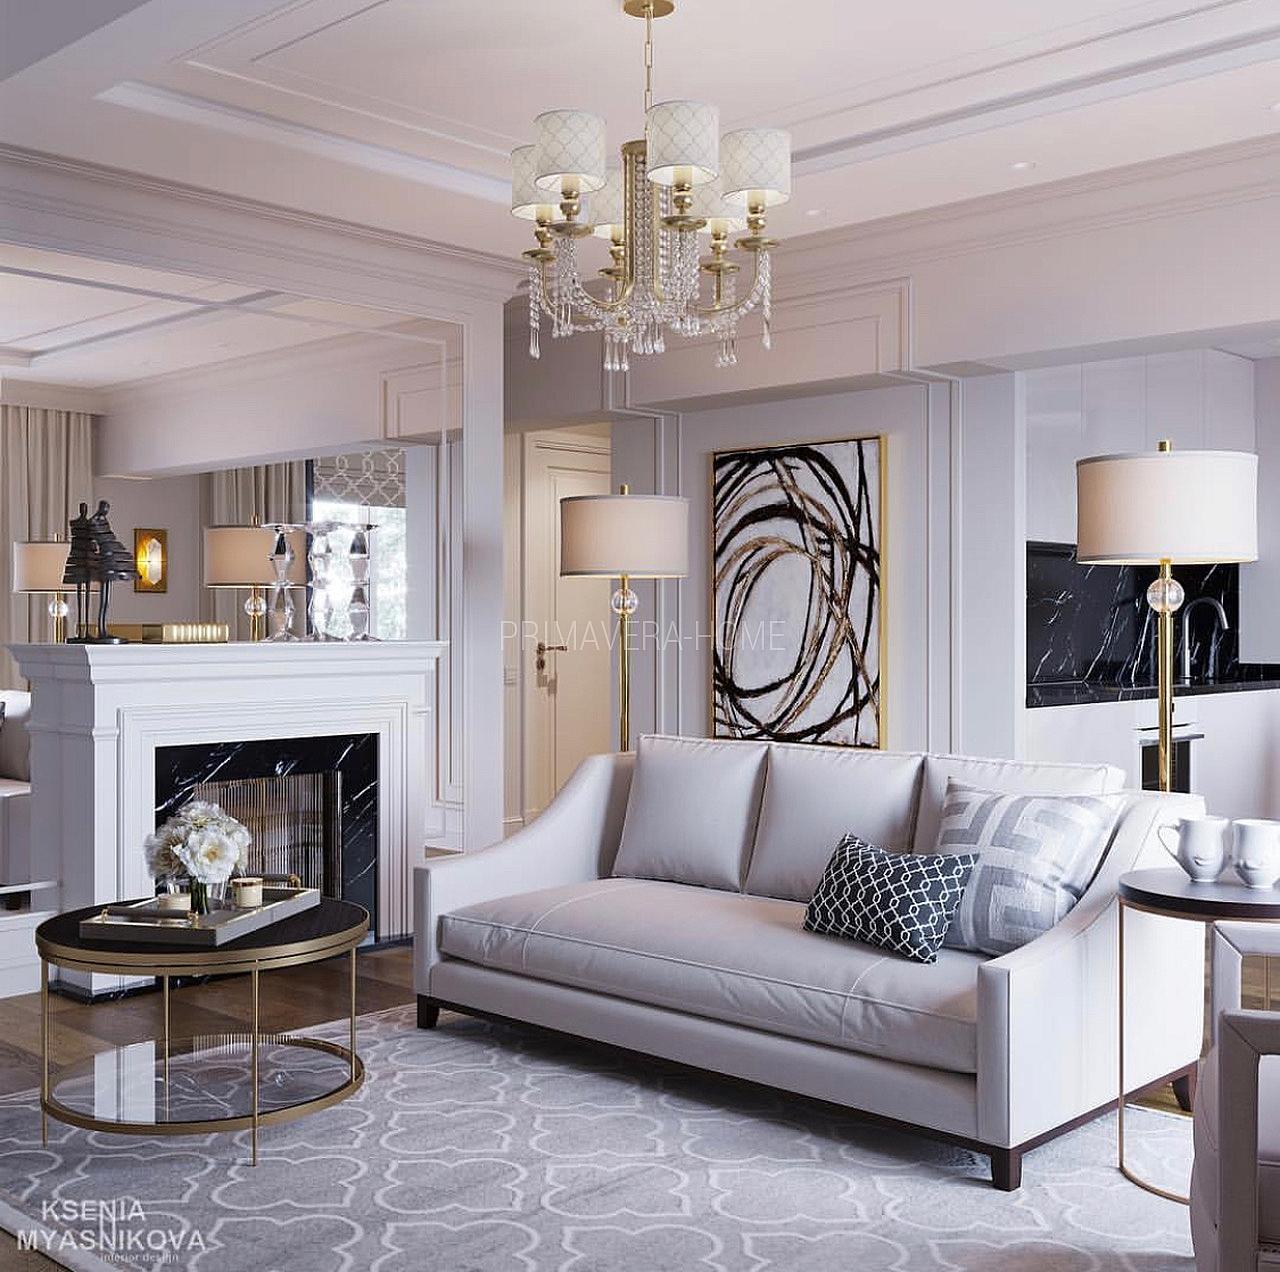 sofa MANHATTAN | od 5500 zł | 6 tyg.